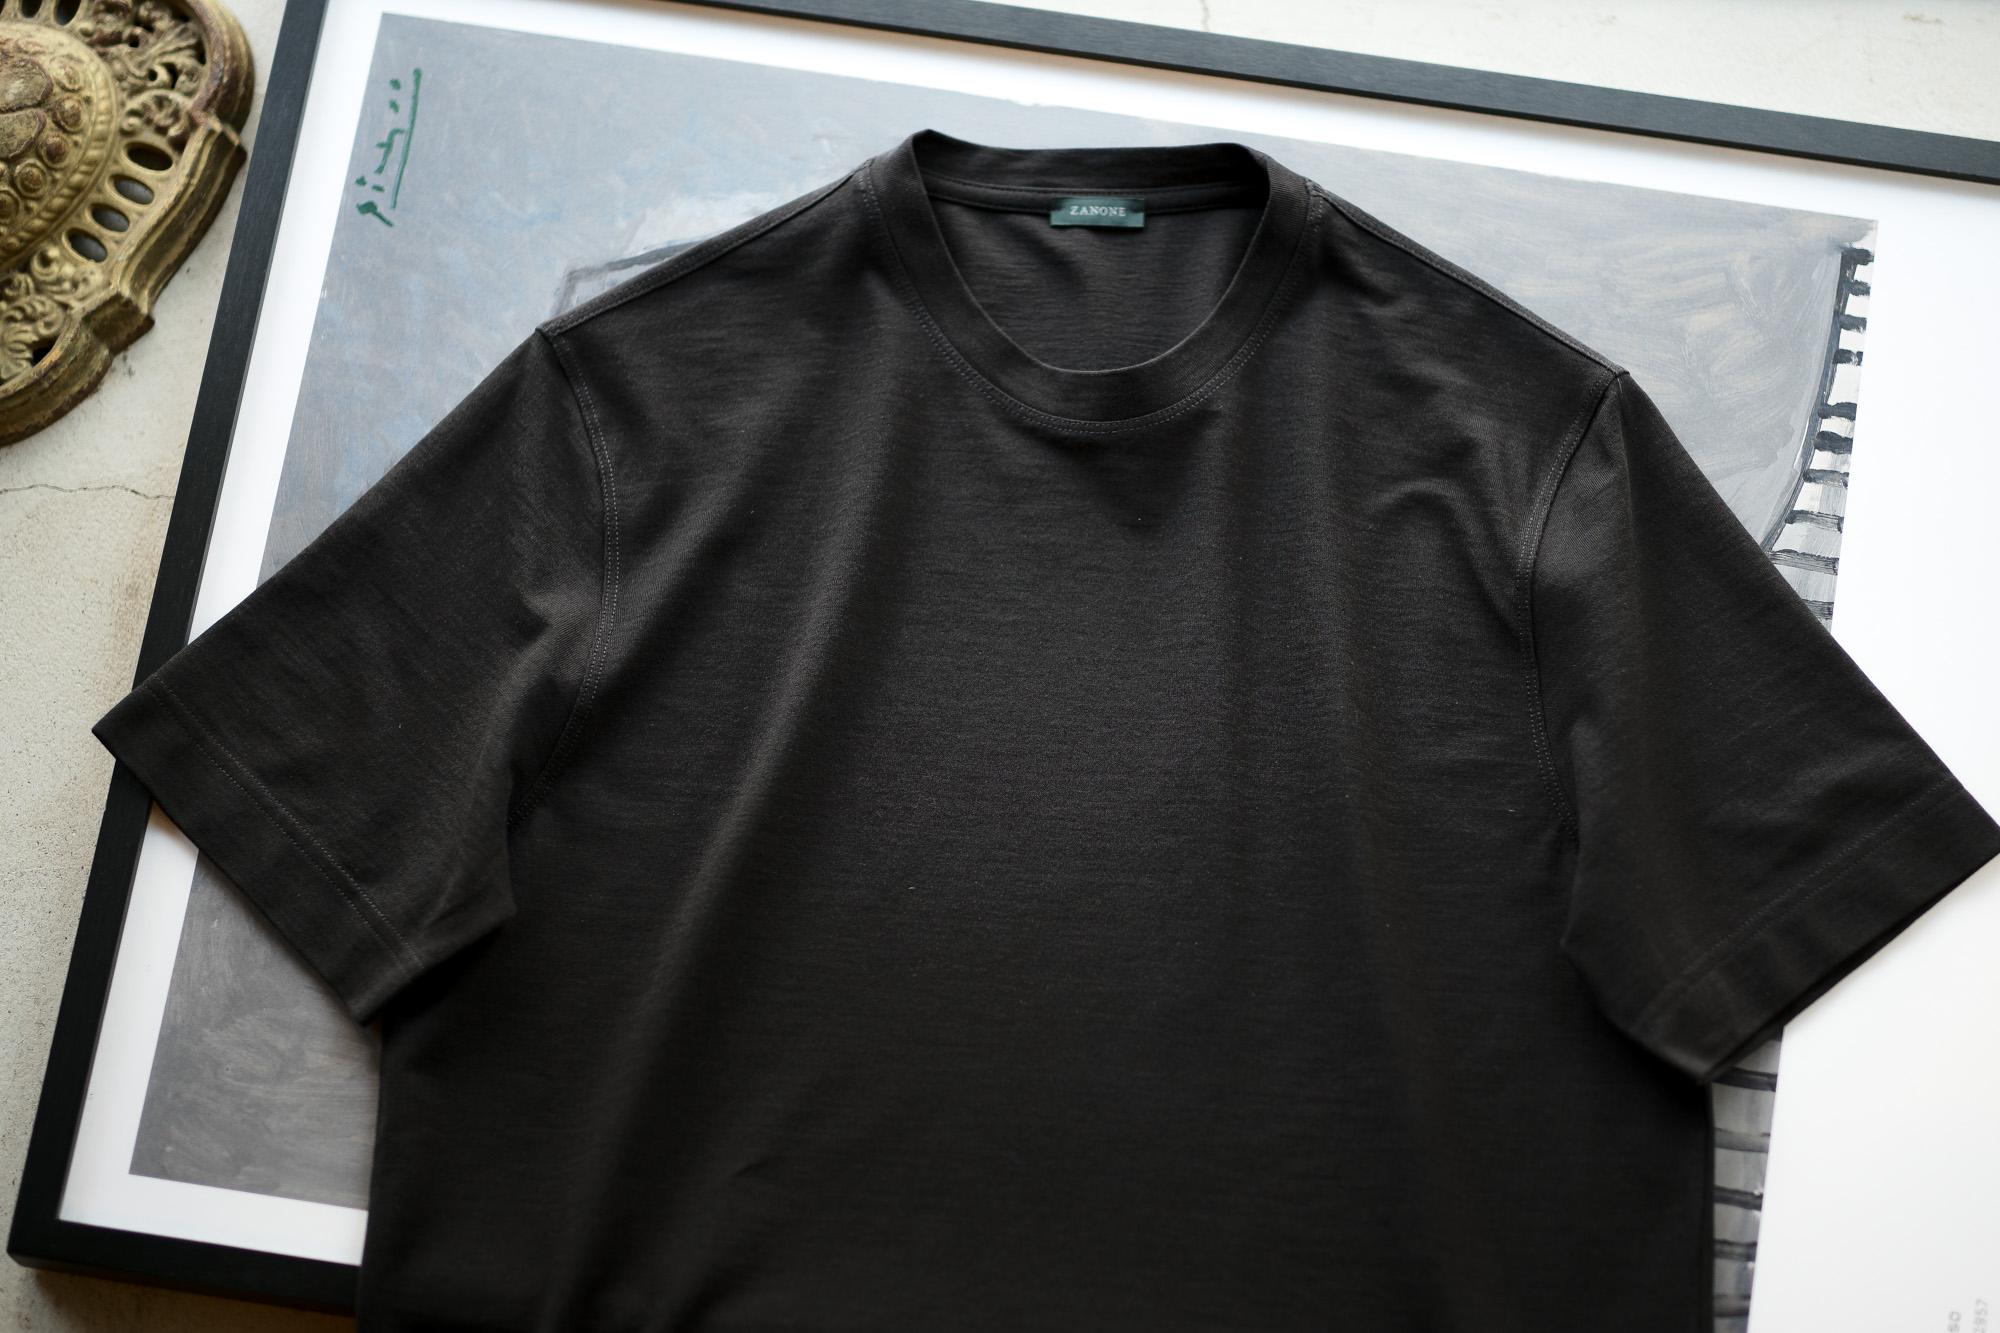 ZANONE(ザノーネ) Crew Neck T-shirt (クルーネックTシャツ) ice cotton アイスコットン Tシャツ BLACK (ブラック・Z0015) MADE IN ITALY(イタリア製) 2020 春夏新作 愛知 名古屋 altoediritto アルトエデリット tee 夏Tシャツ